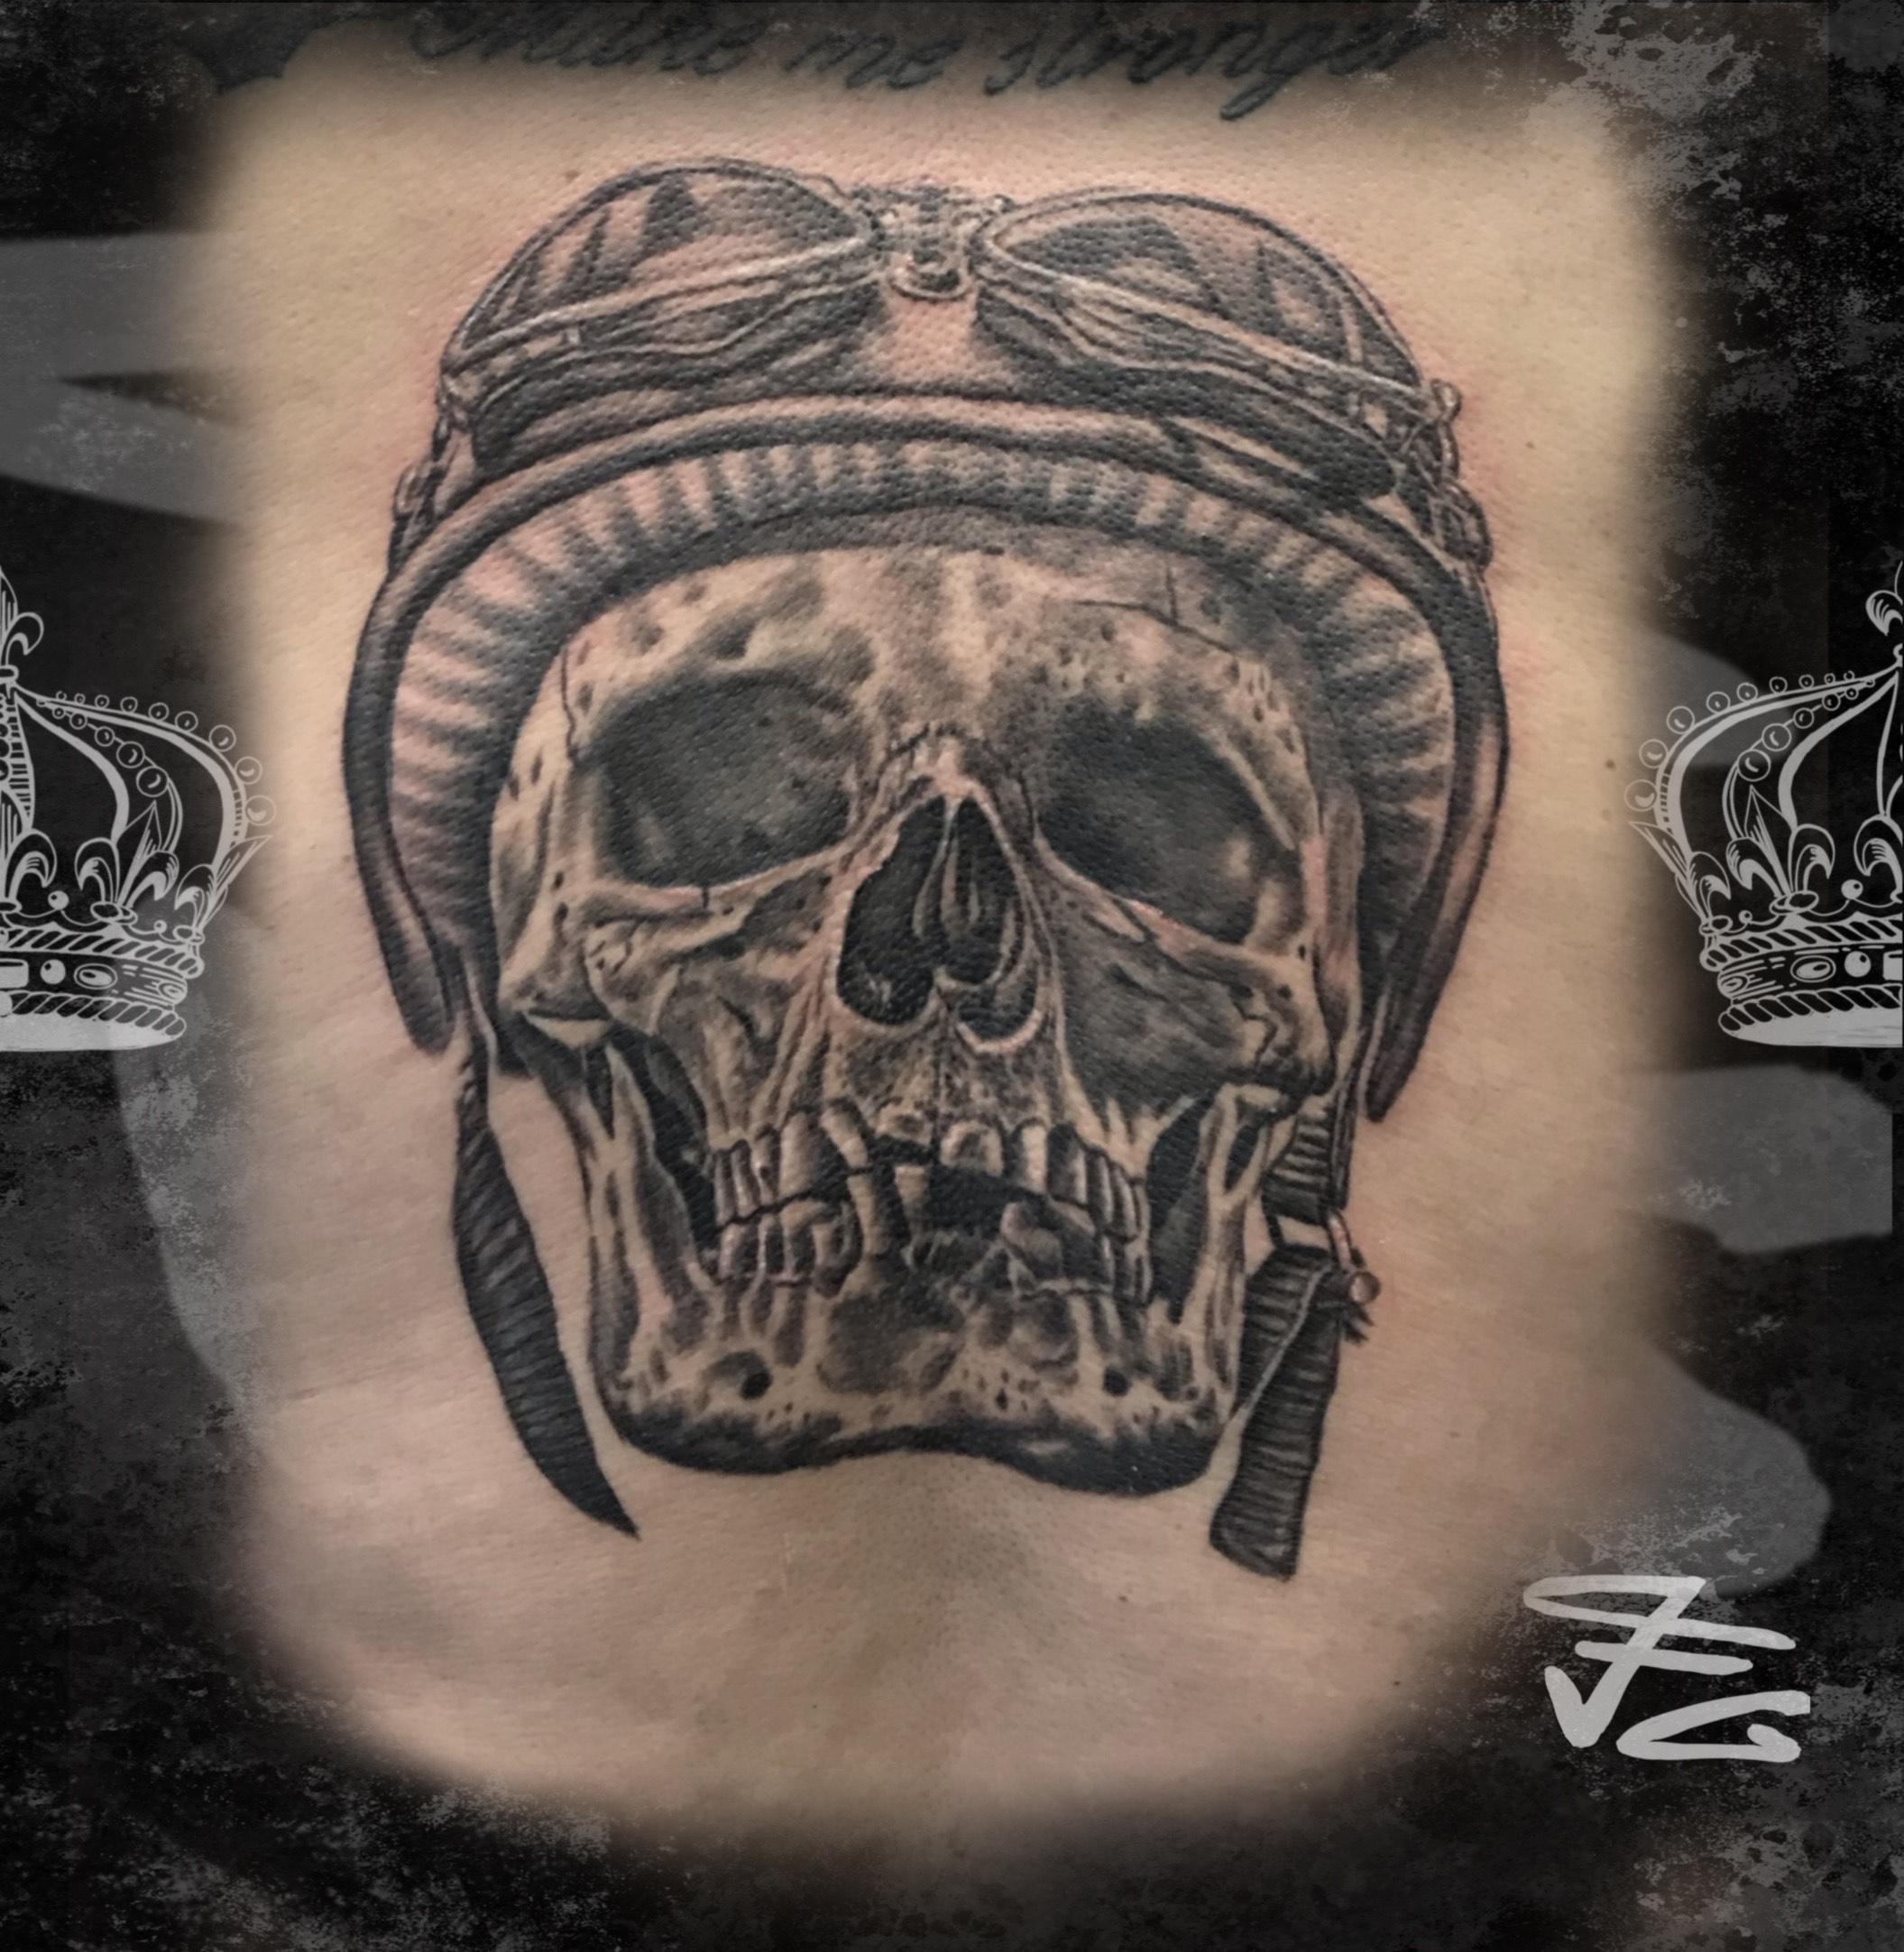 Tatouage skull réaliste